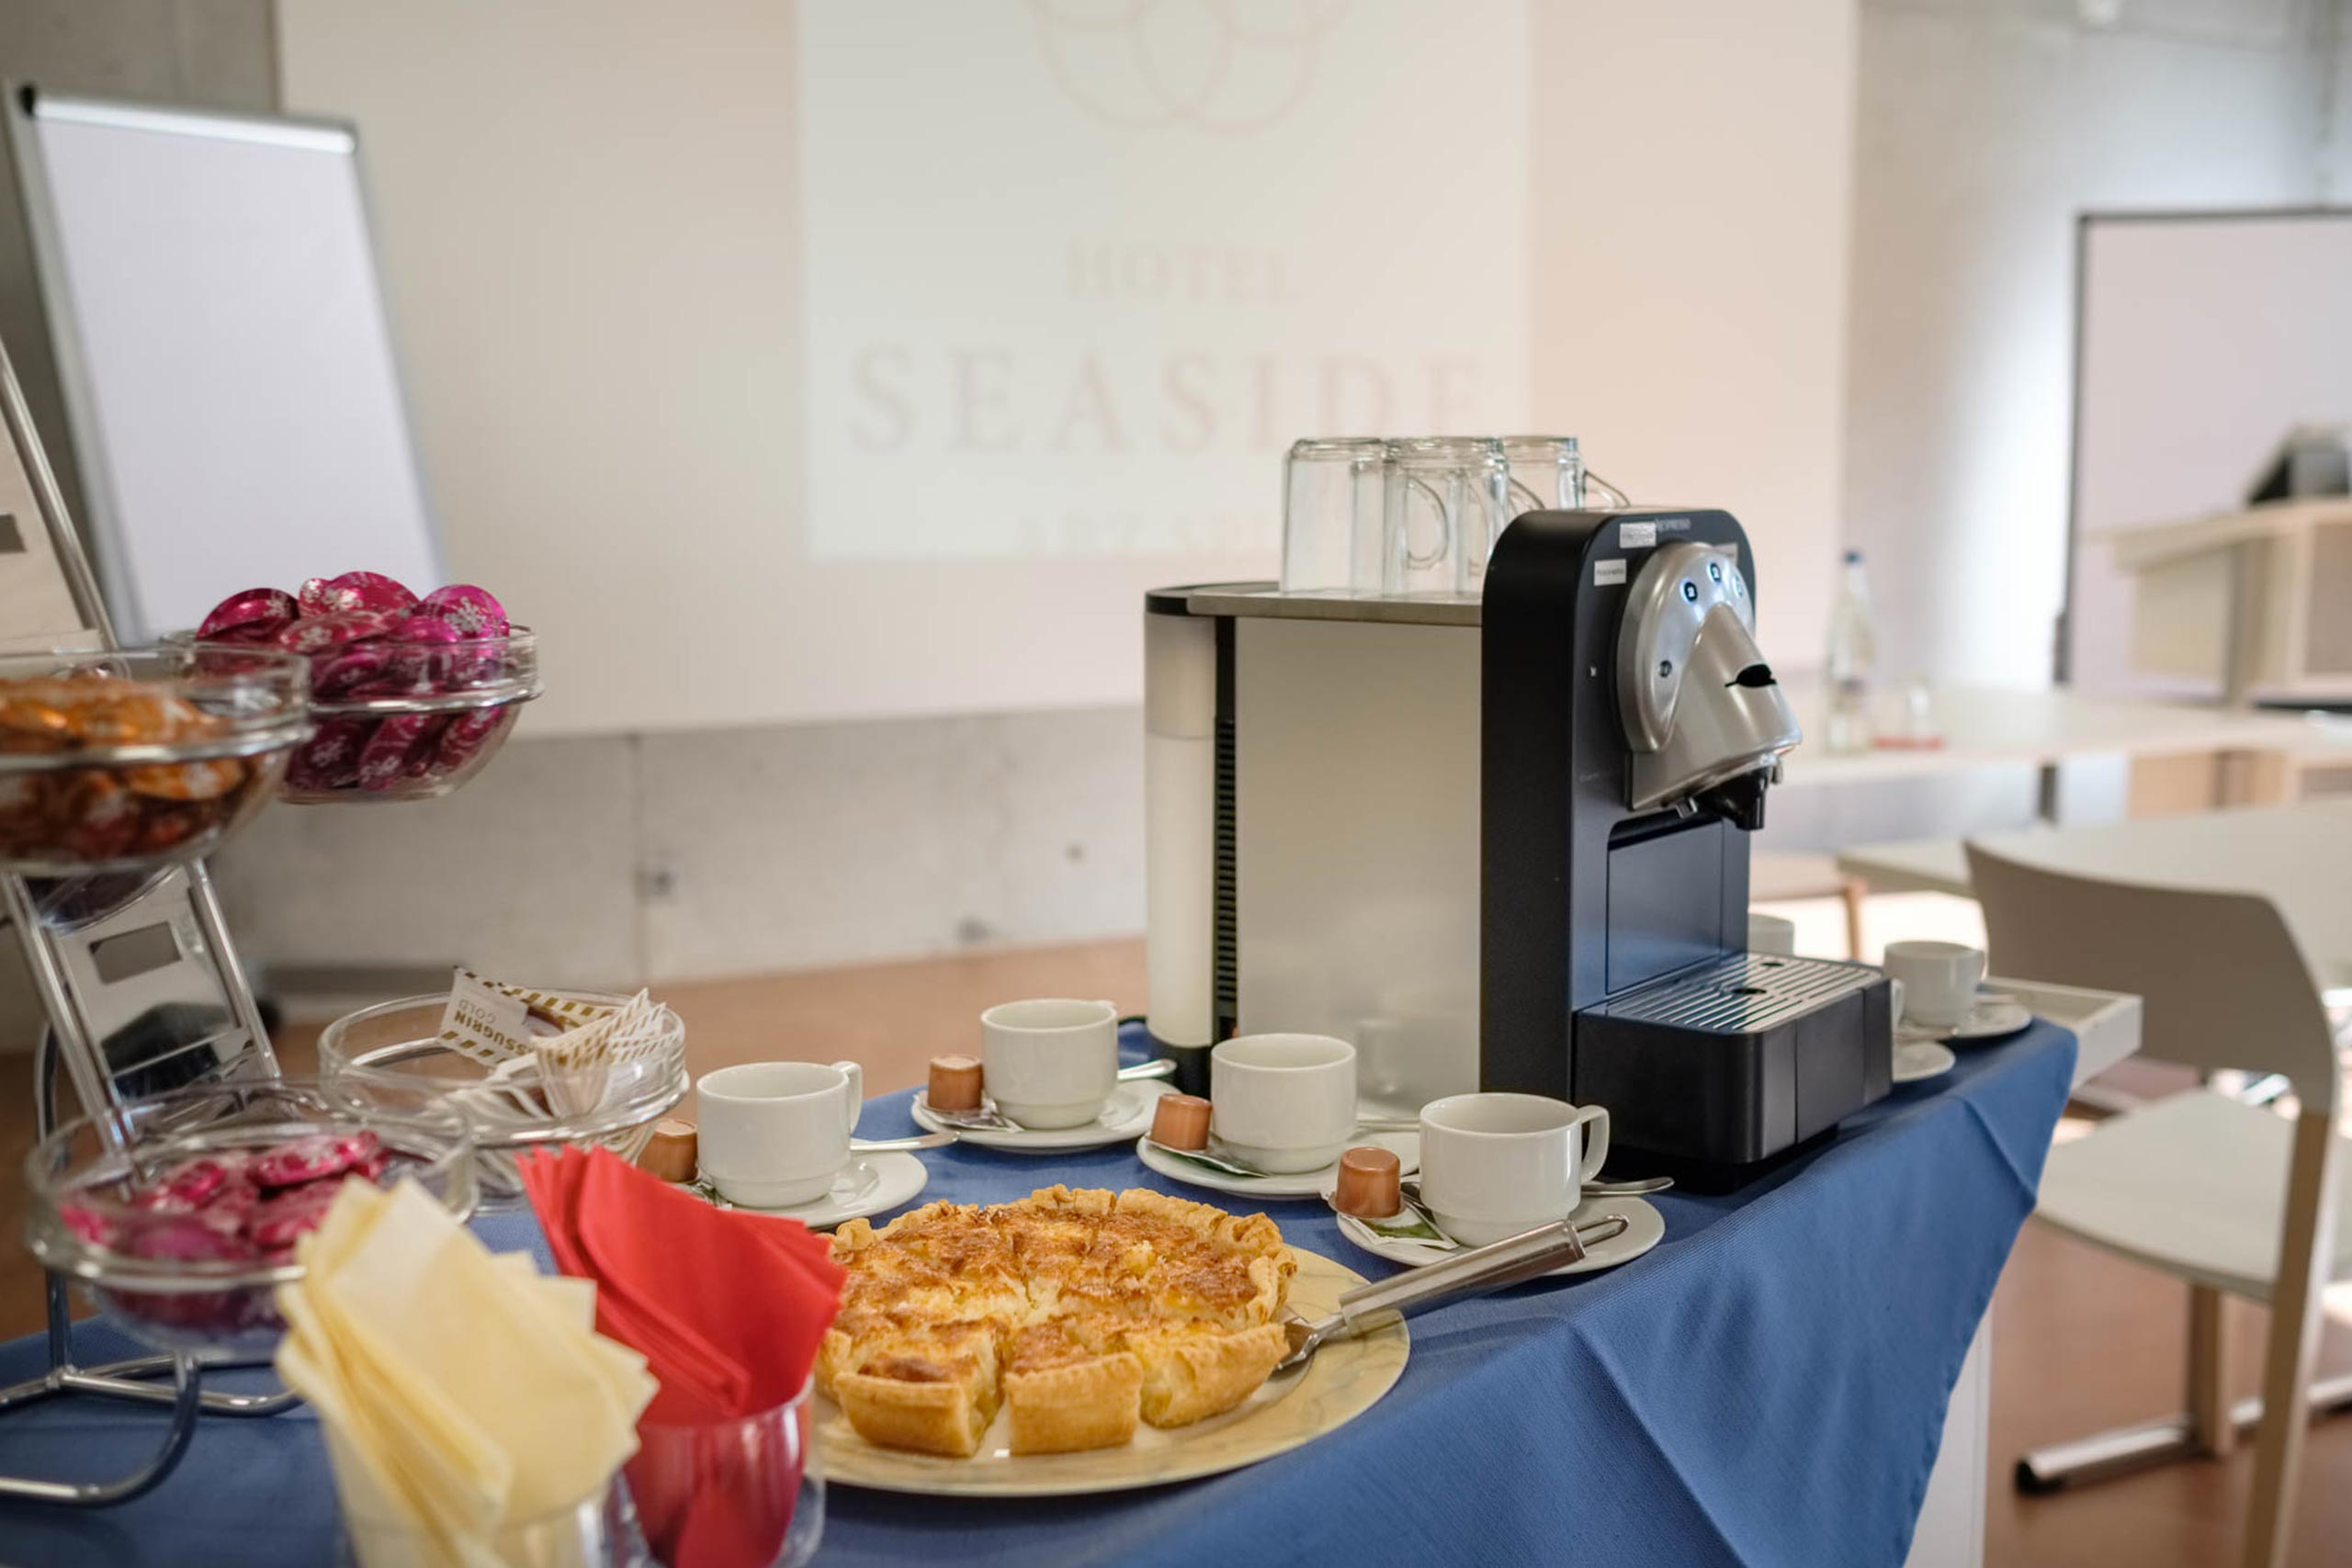 hotel-seaside-abz-kaffe-buffet.jpg